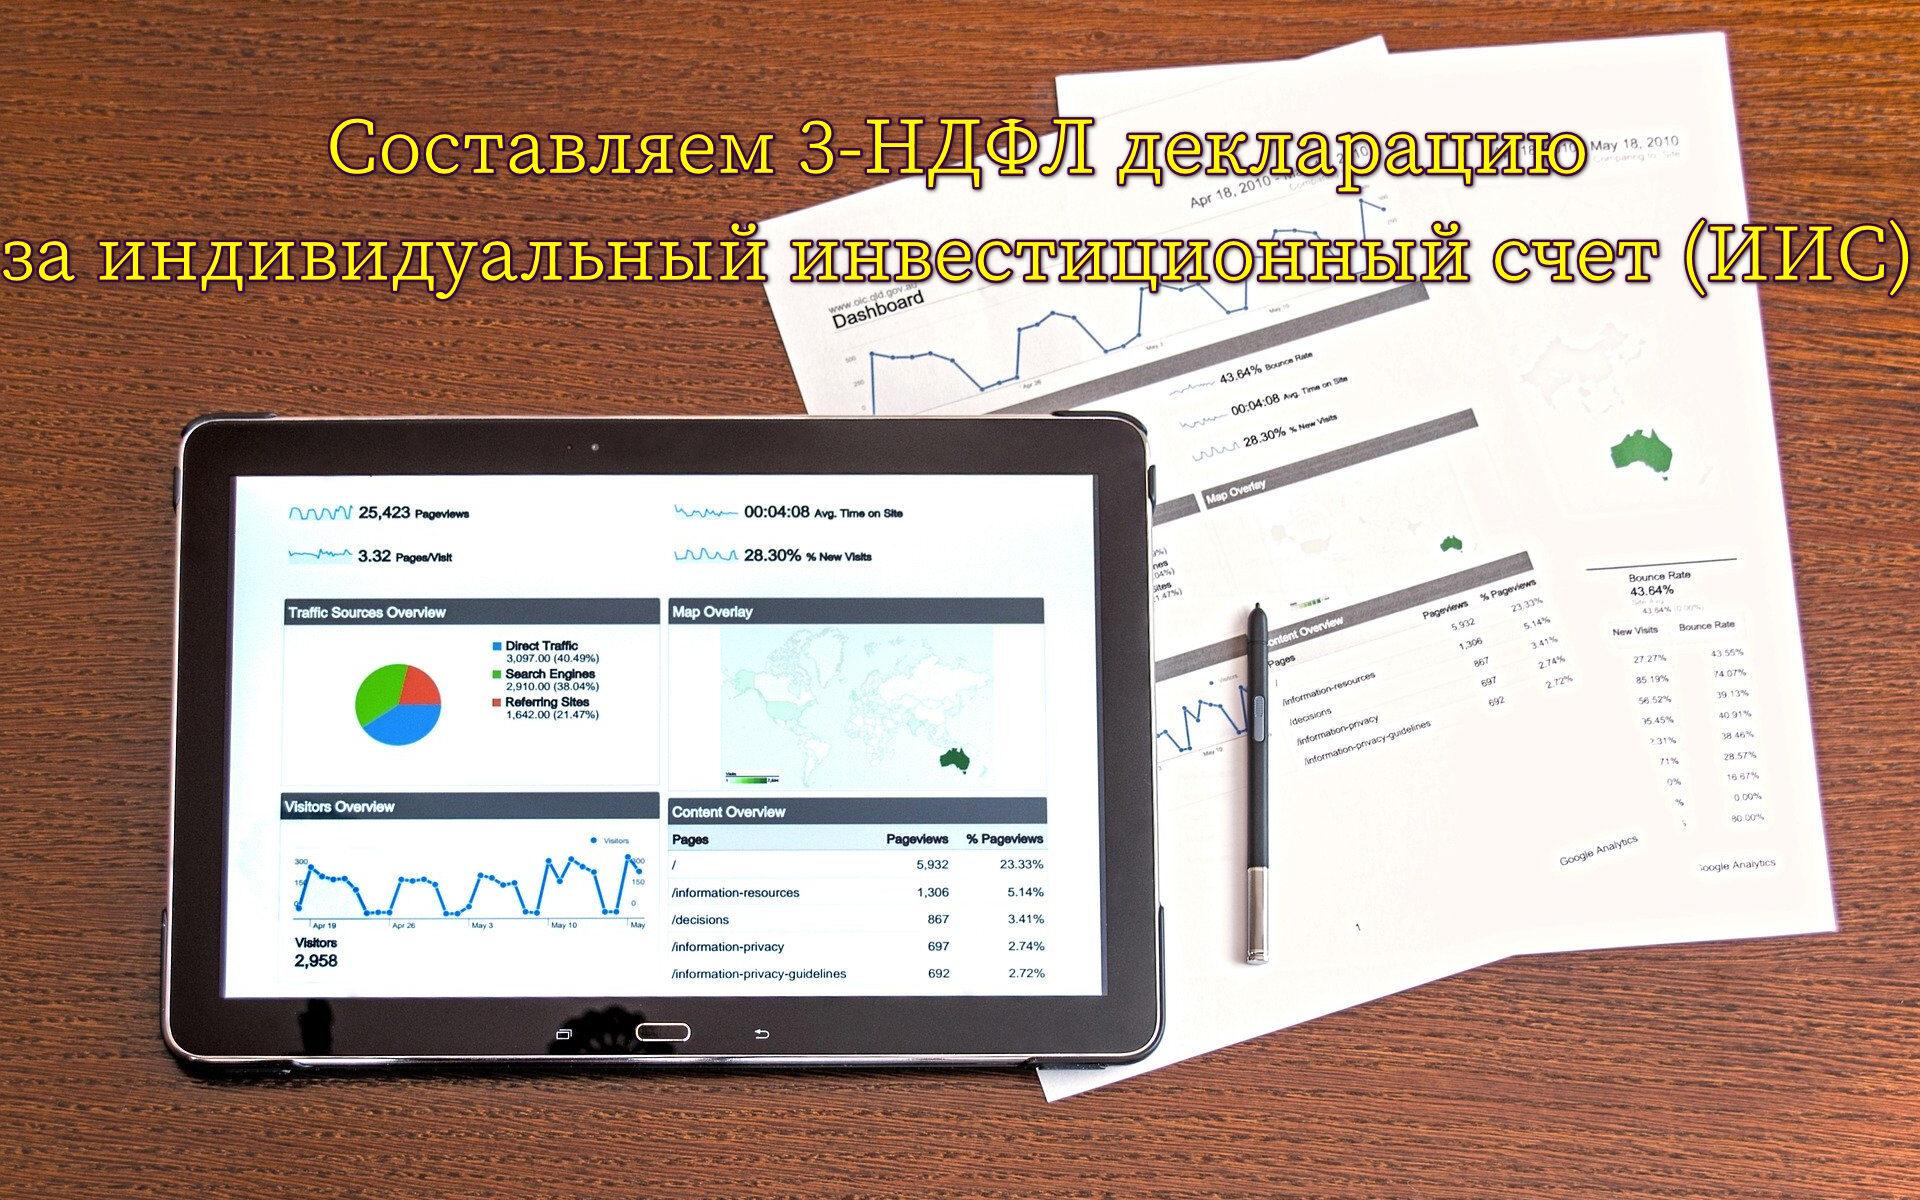 Составляем 3-НДФЛ декларацию за индивидуальный инвестиционный счет (ИИС)